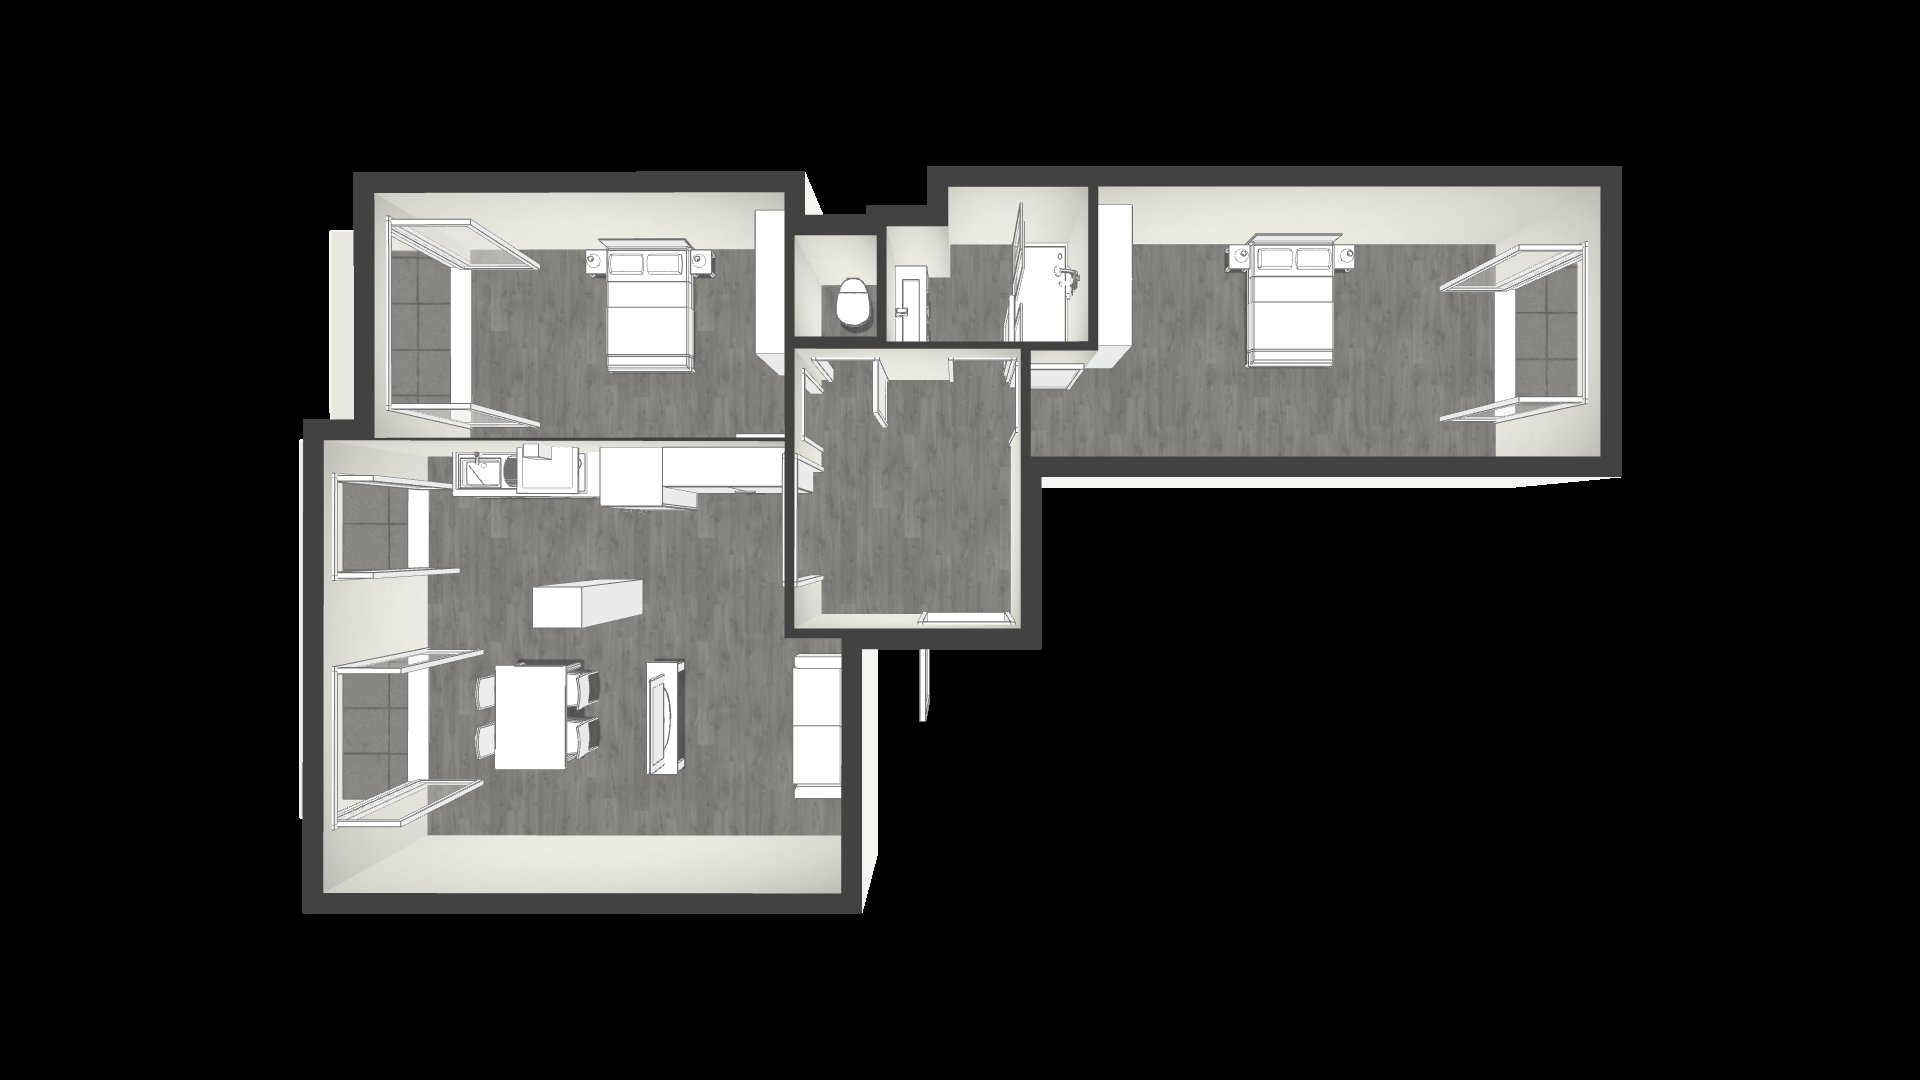 PARC IMPERIAL - Eglise Russe - 3P 85 m² - refait à neuf ! Balcons - 405.000 €